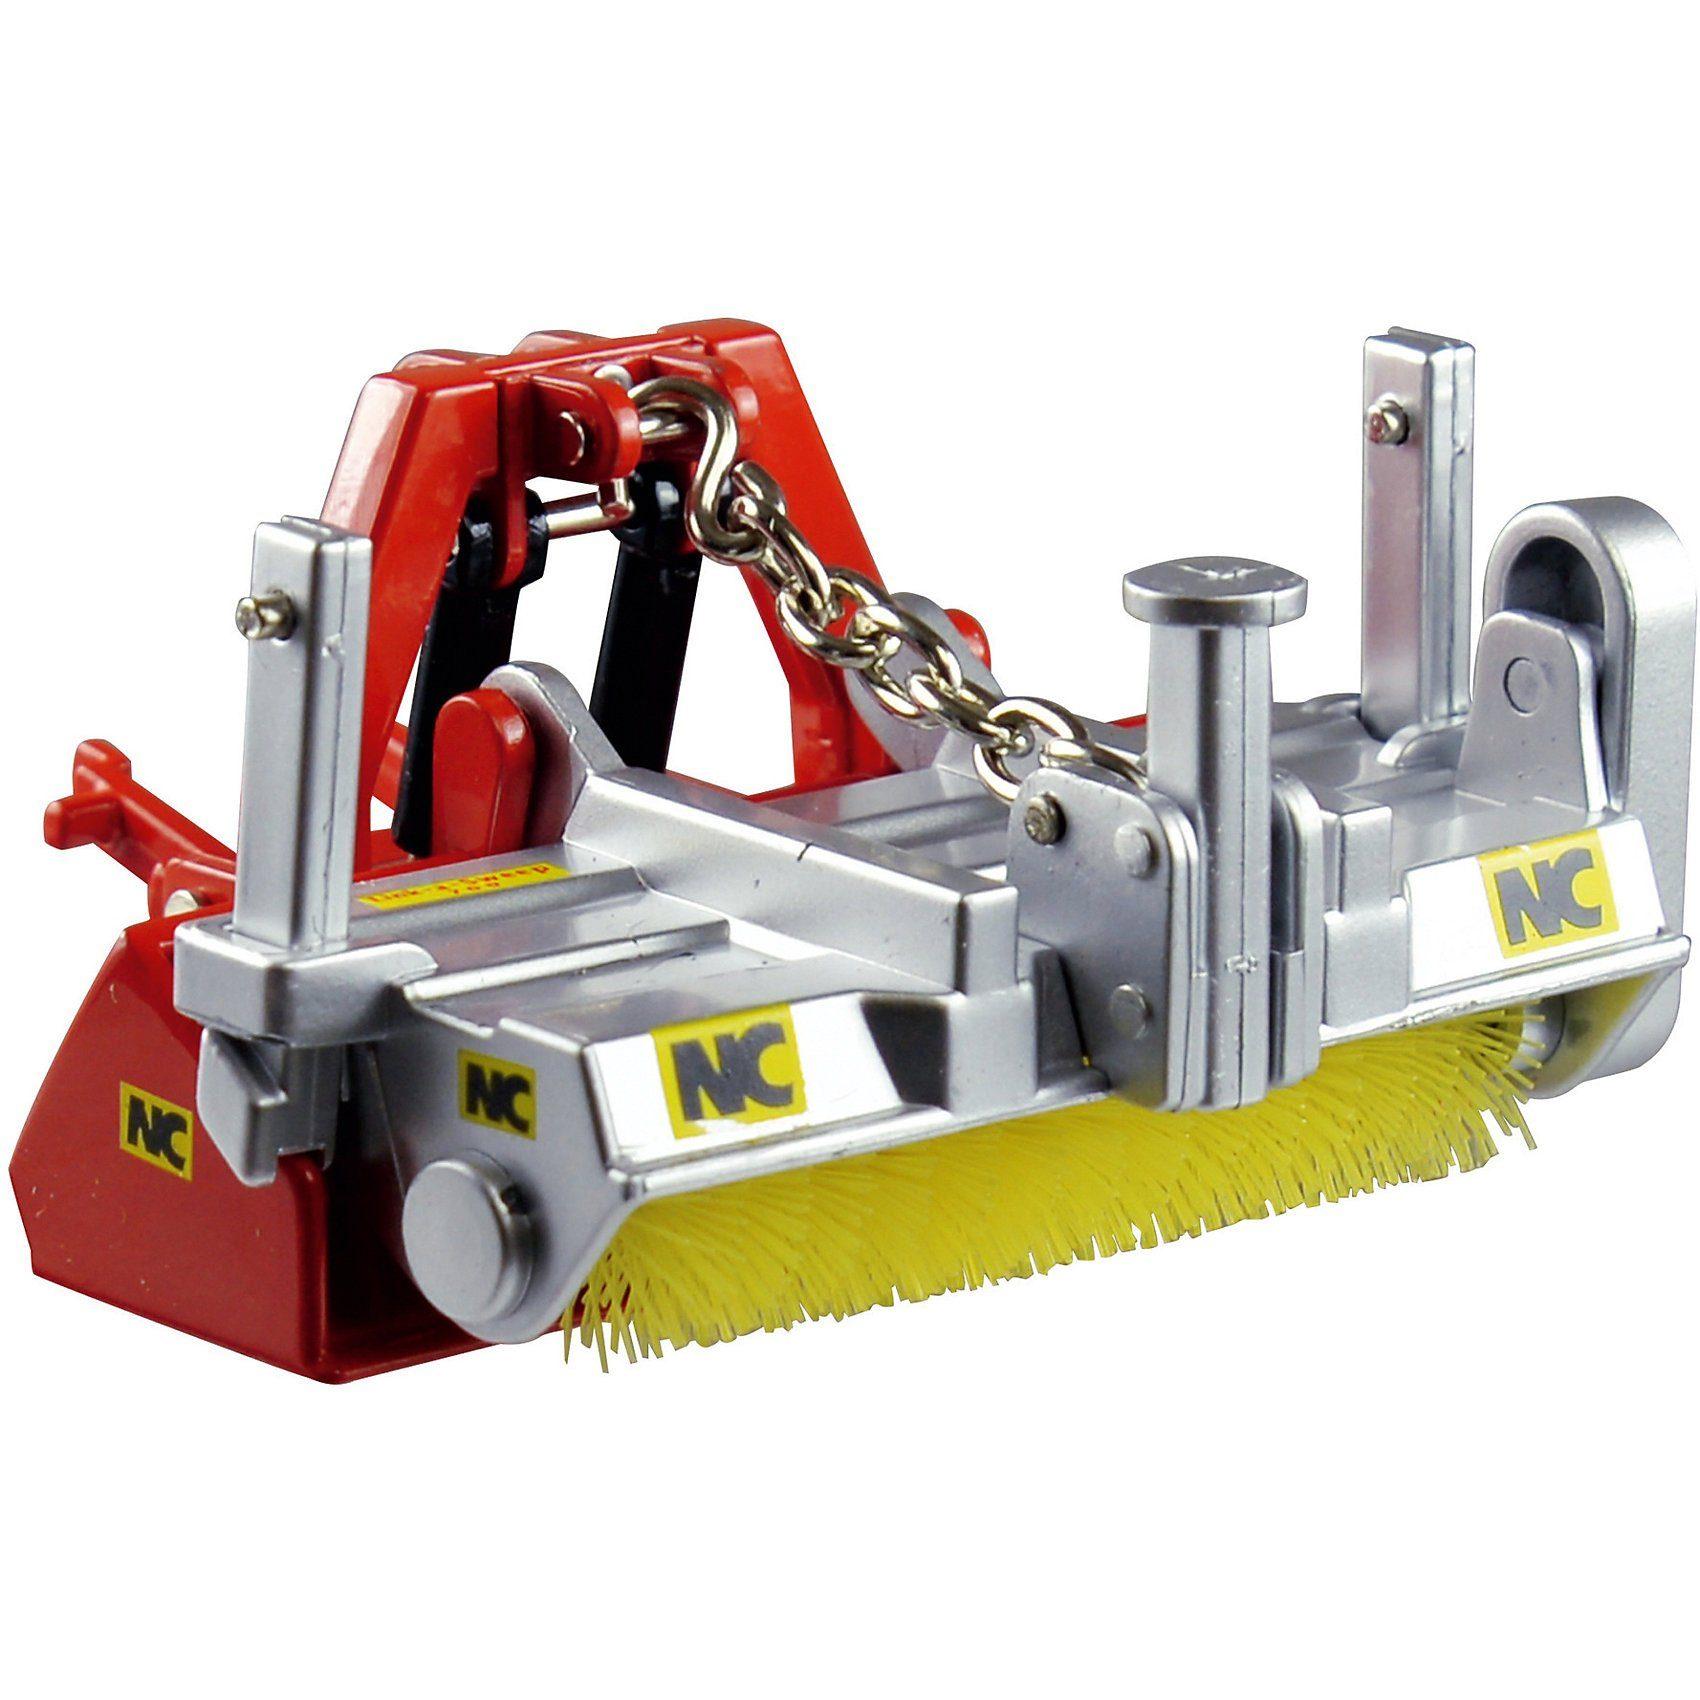 Tomy® Britains NC Kehrmaschine